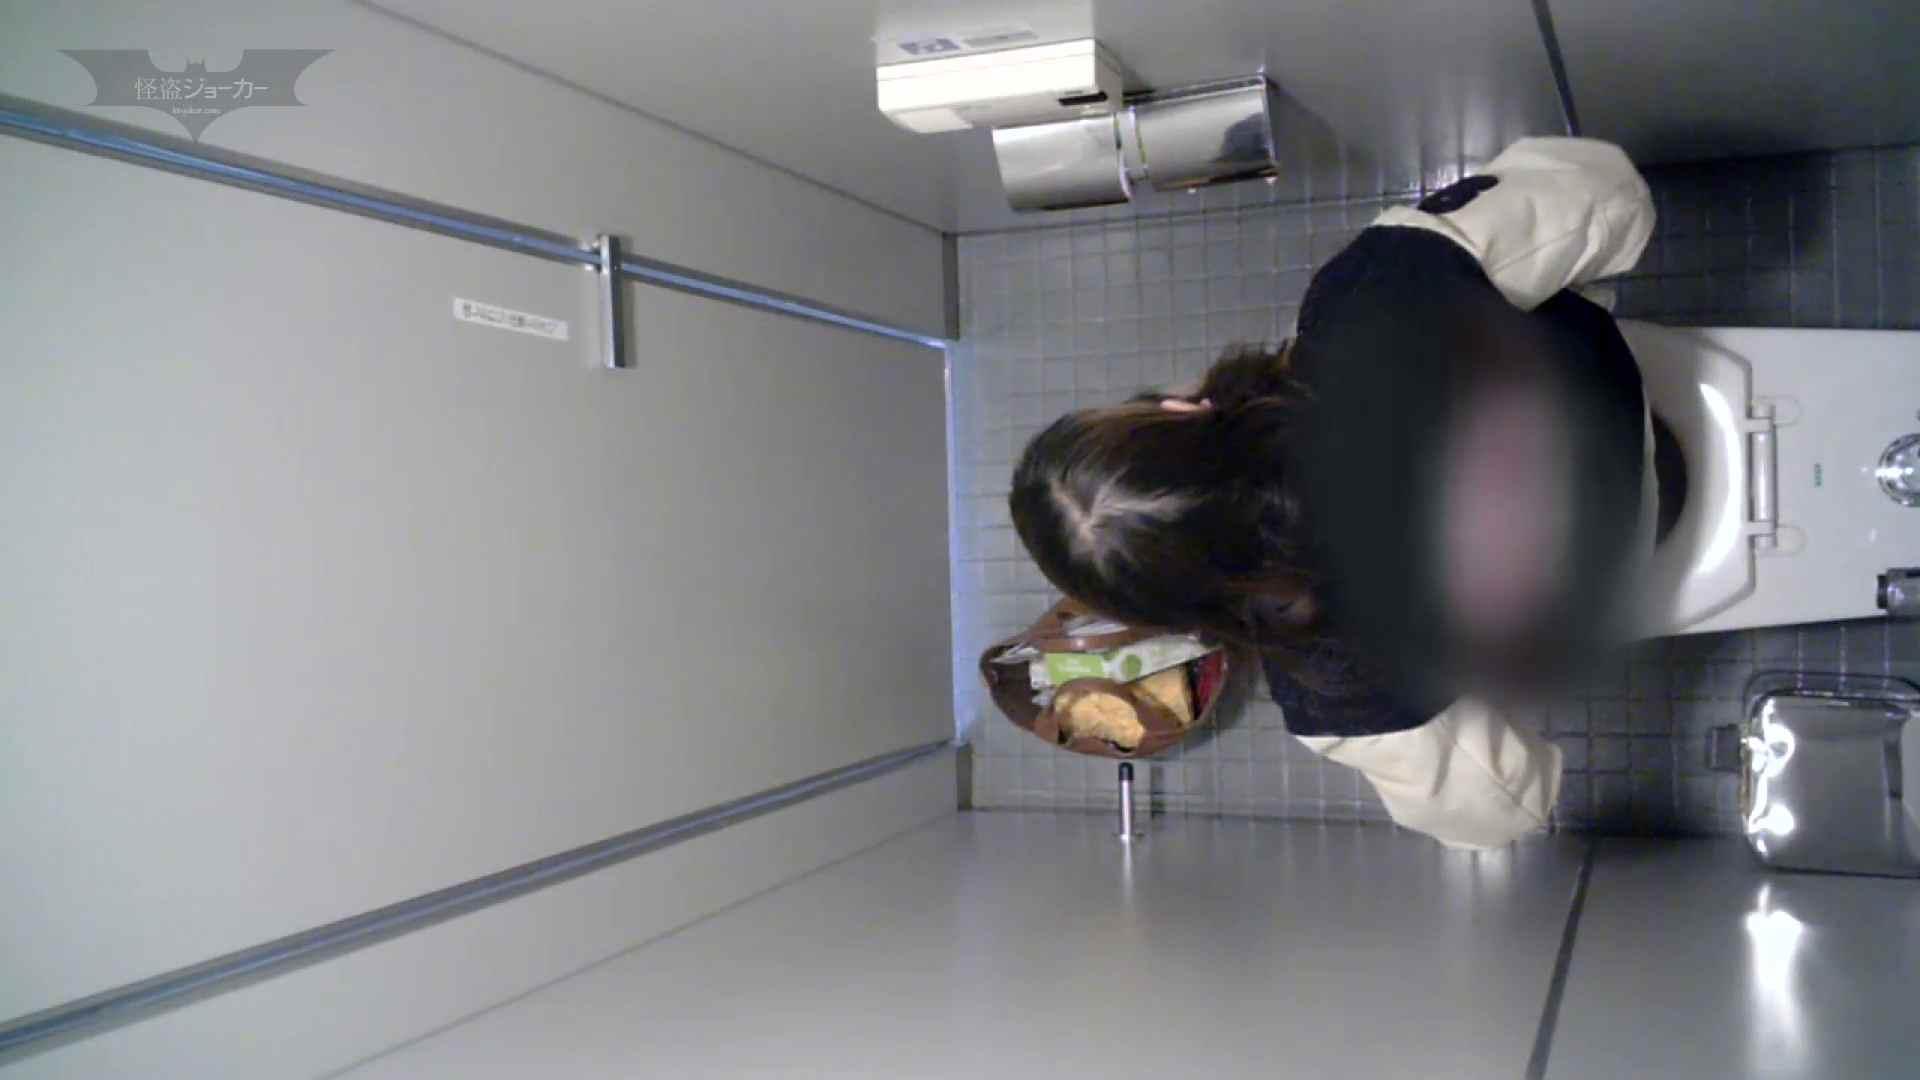 有名大学女性洗面所 vol.58 アンダーヘアーも冬支度? 投稿 オマンコ動画キャプチャ 69画像 18